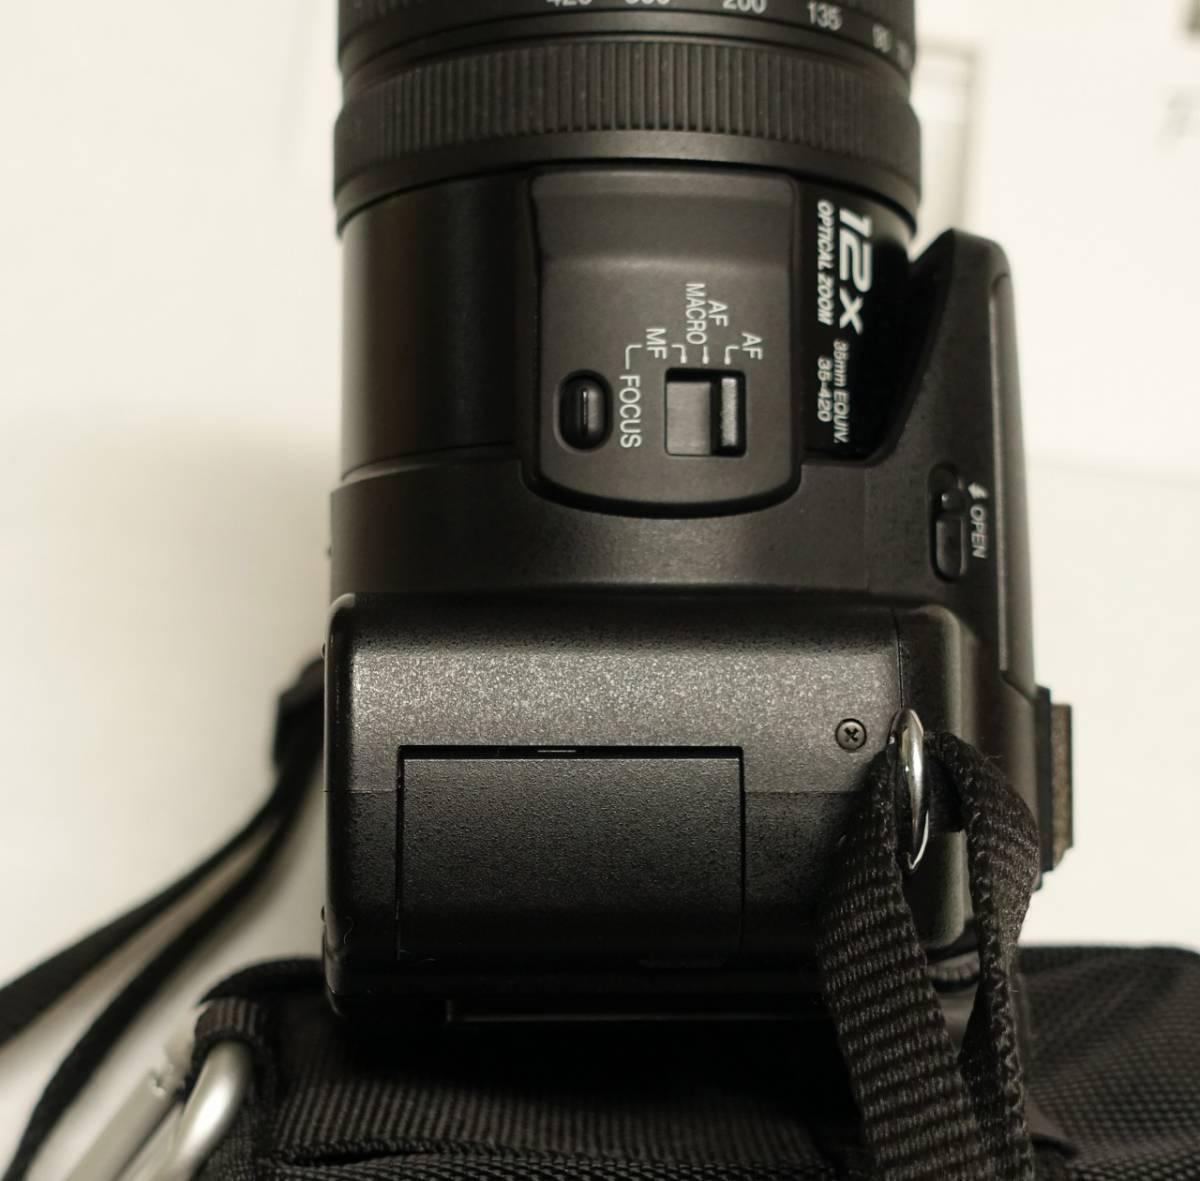 パナソニック デジタルカメラ LUMIX FZ50 美品 完動品 動作保証 動作不良は返品可 惚れ込む性能 (検 sony RX100 HX100vと似た機能_画像7